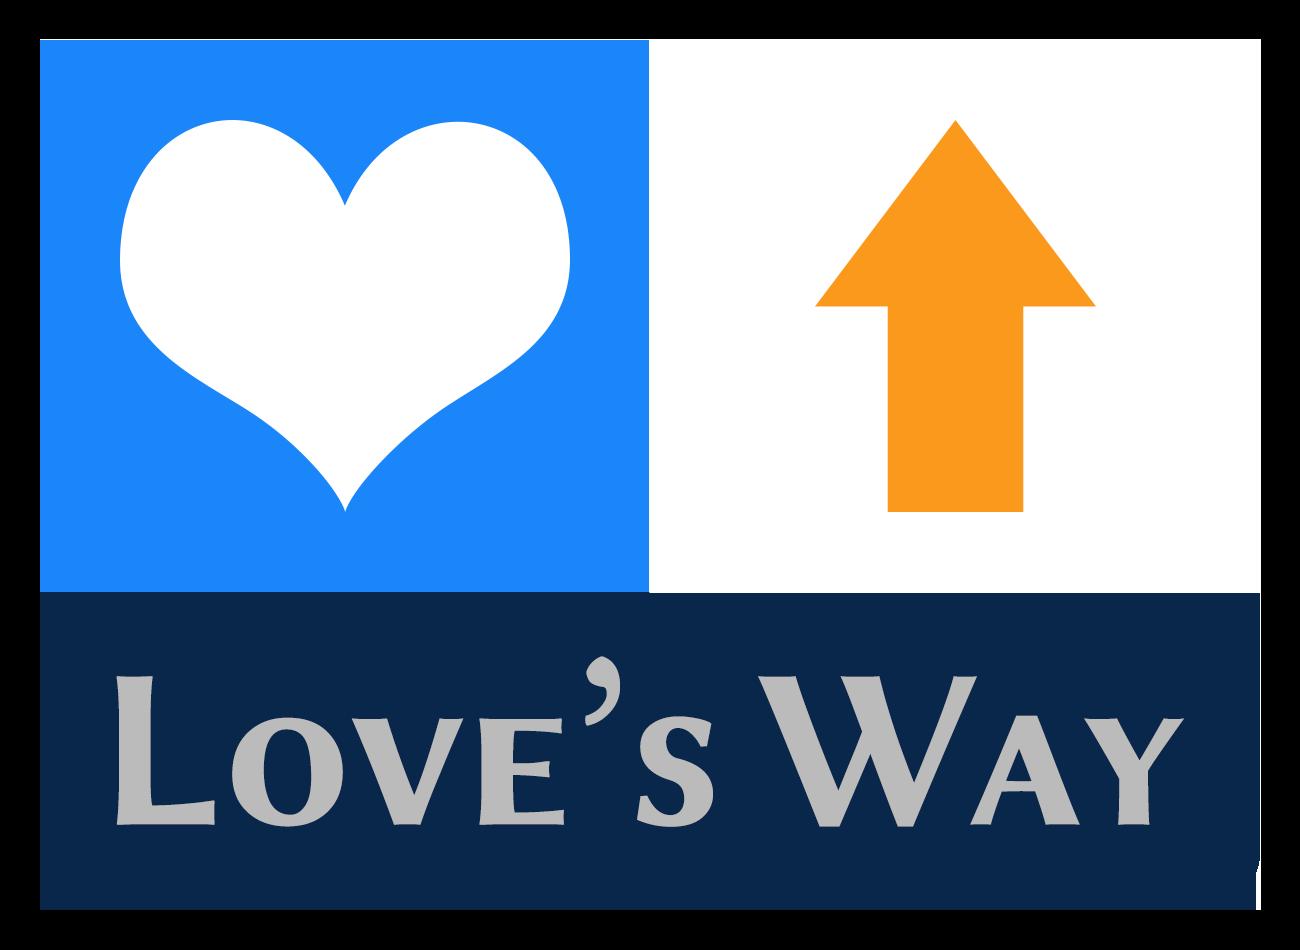 Loves Way